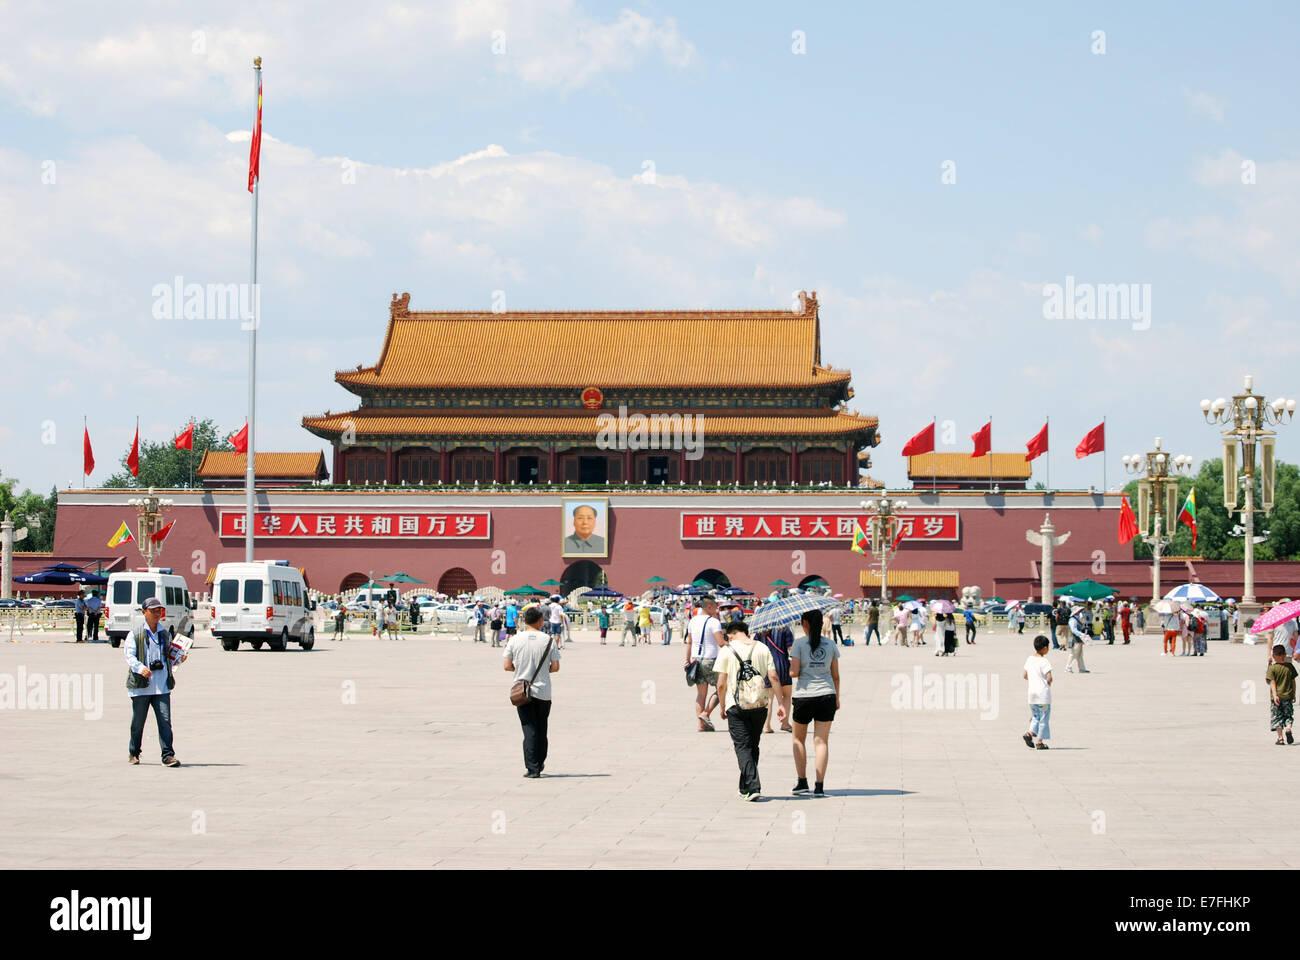 Entrada al Palacio Prohibido, Beijing, China 2014 Imagen De Stock